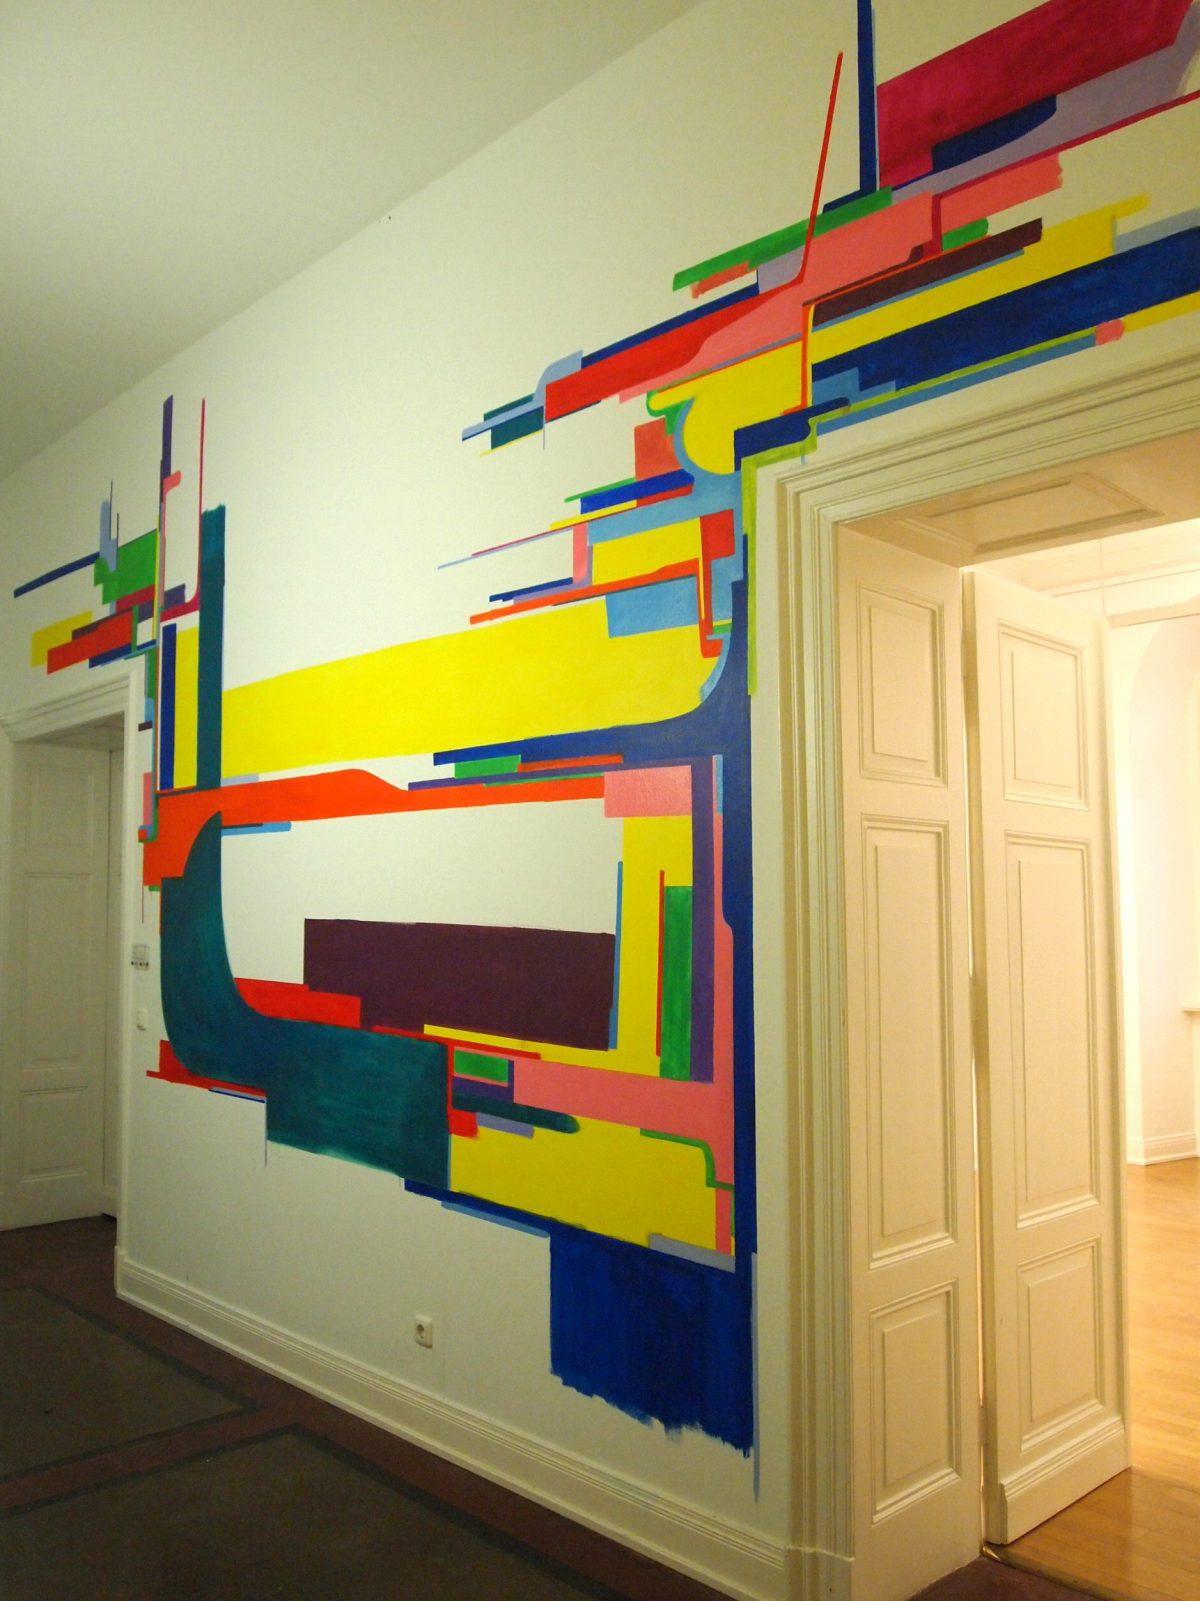 グループ展「november remmeber september」wall work バードエムズ ドイツ2012